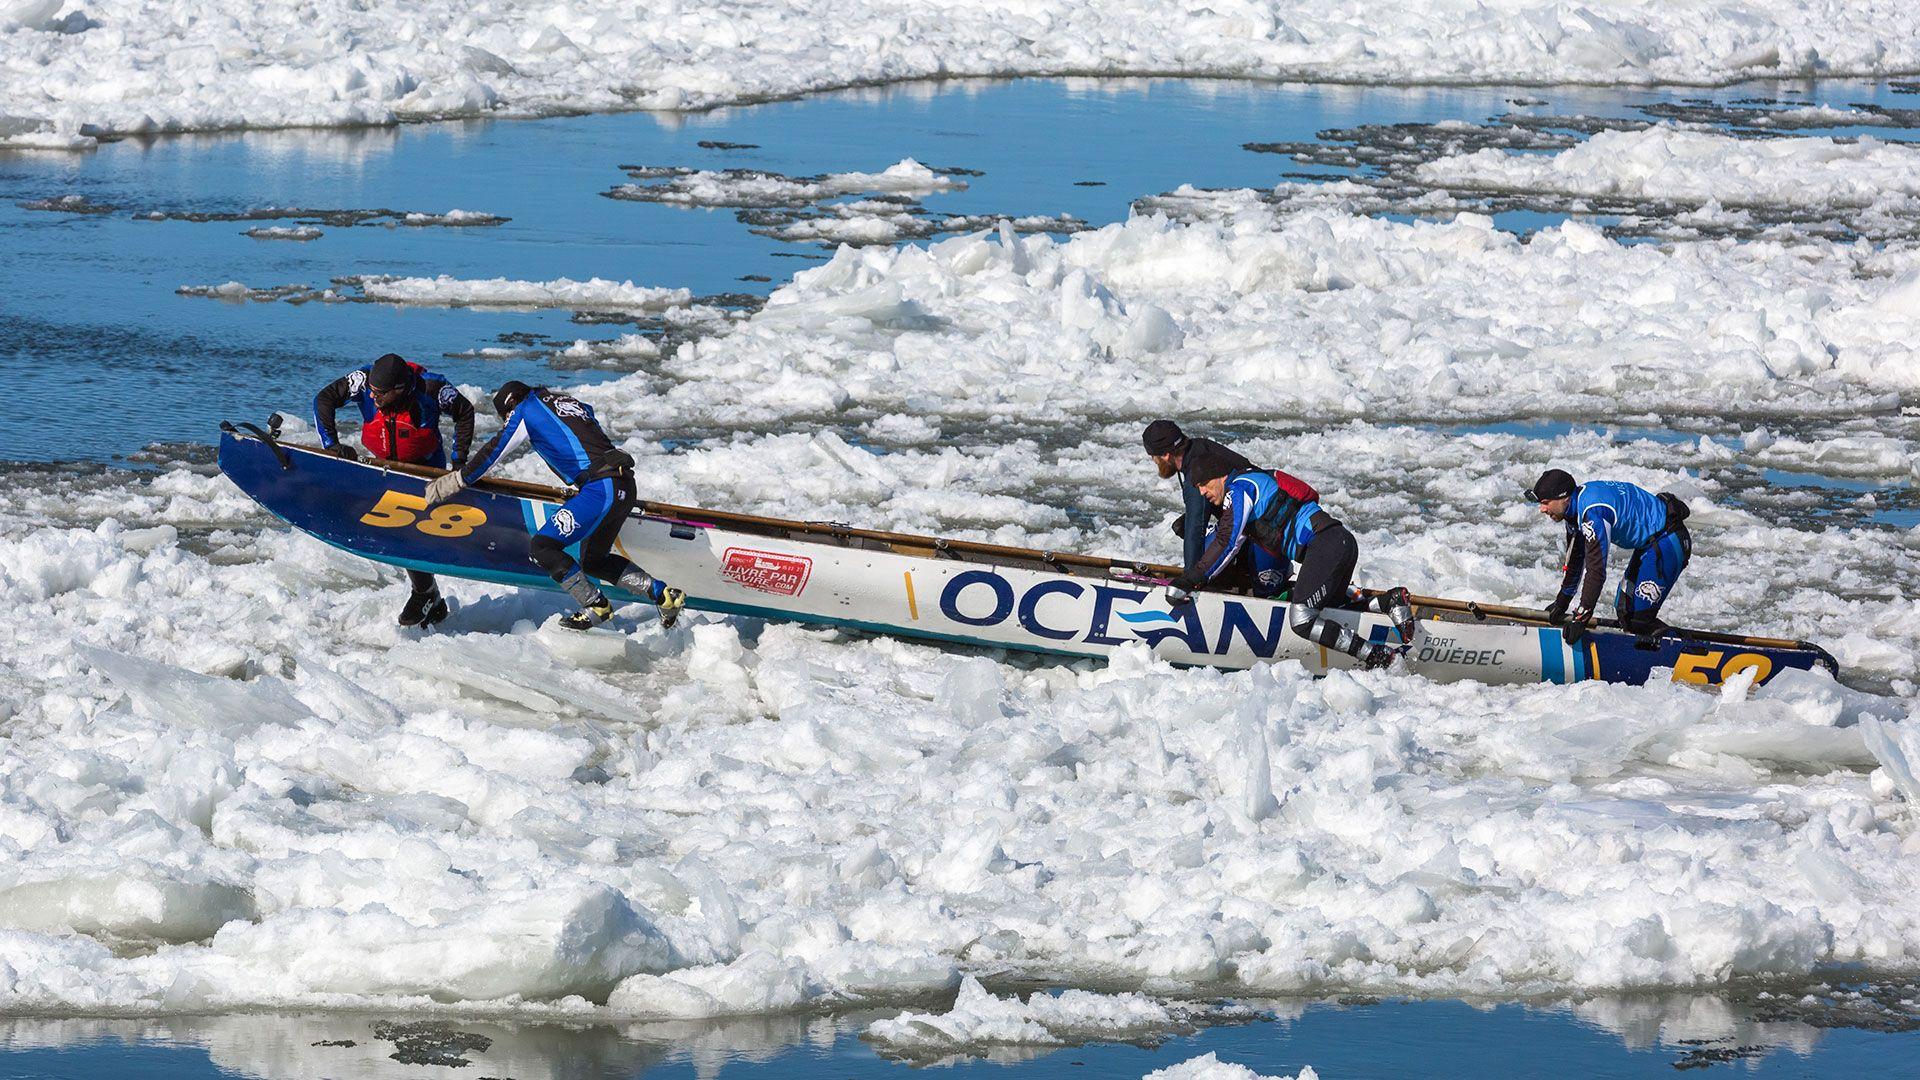 Ocean Group proud partner of the canoe races Montréal | Québec | Isle-aux-Coudres